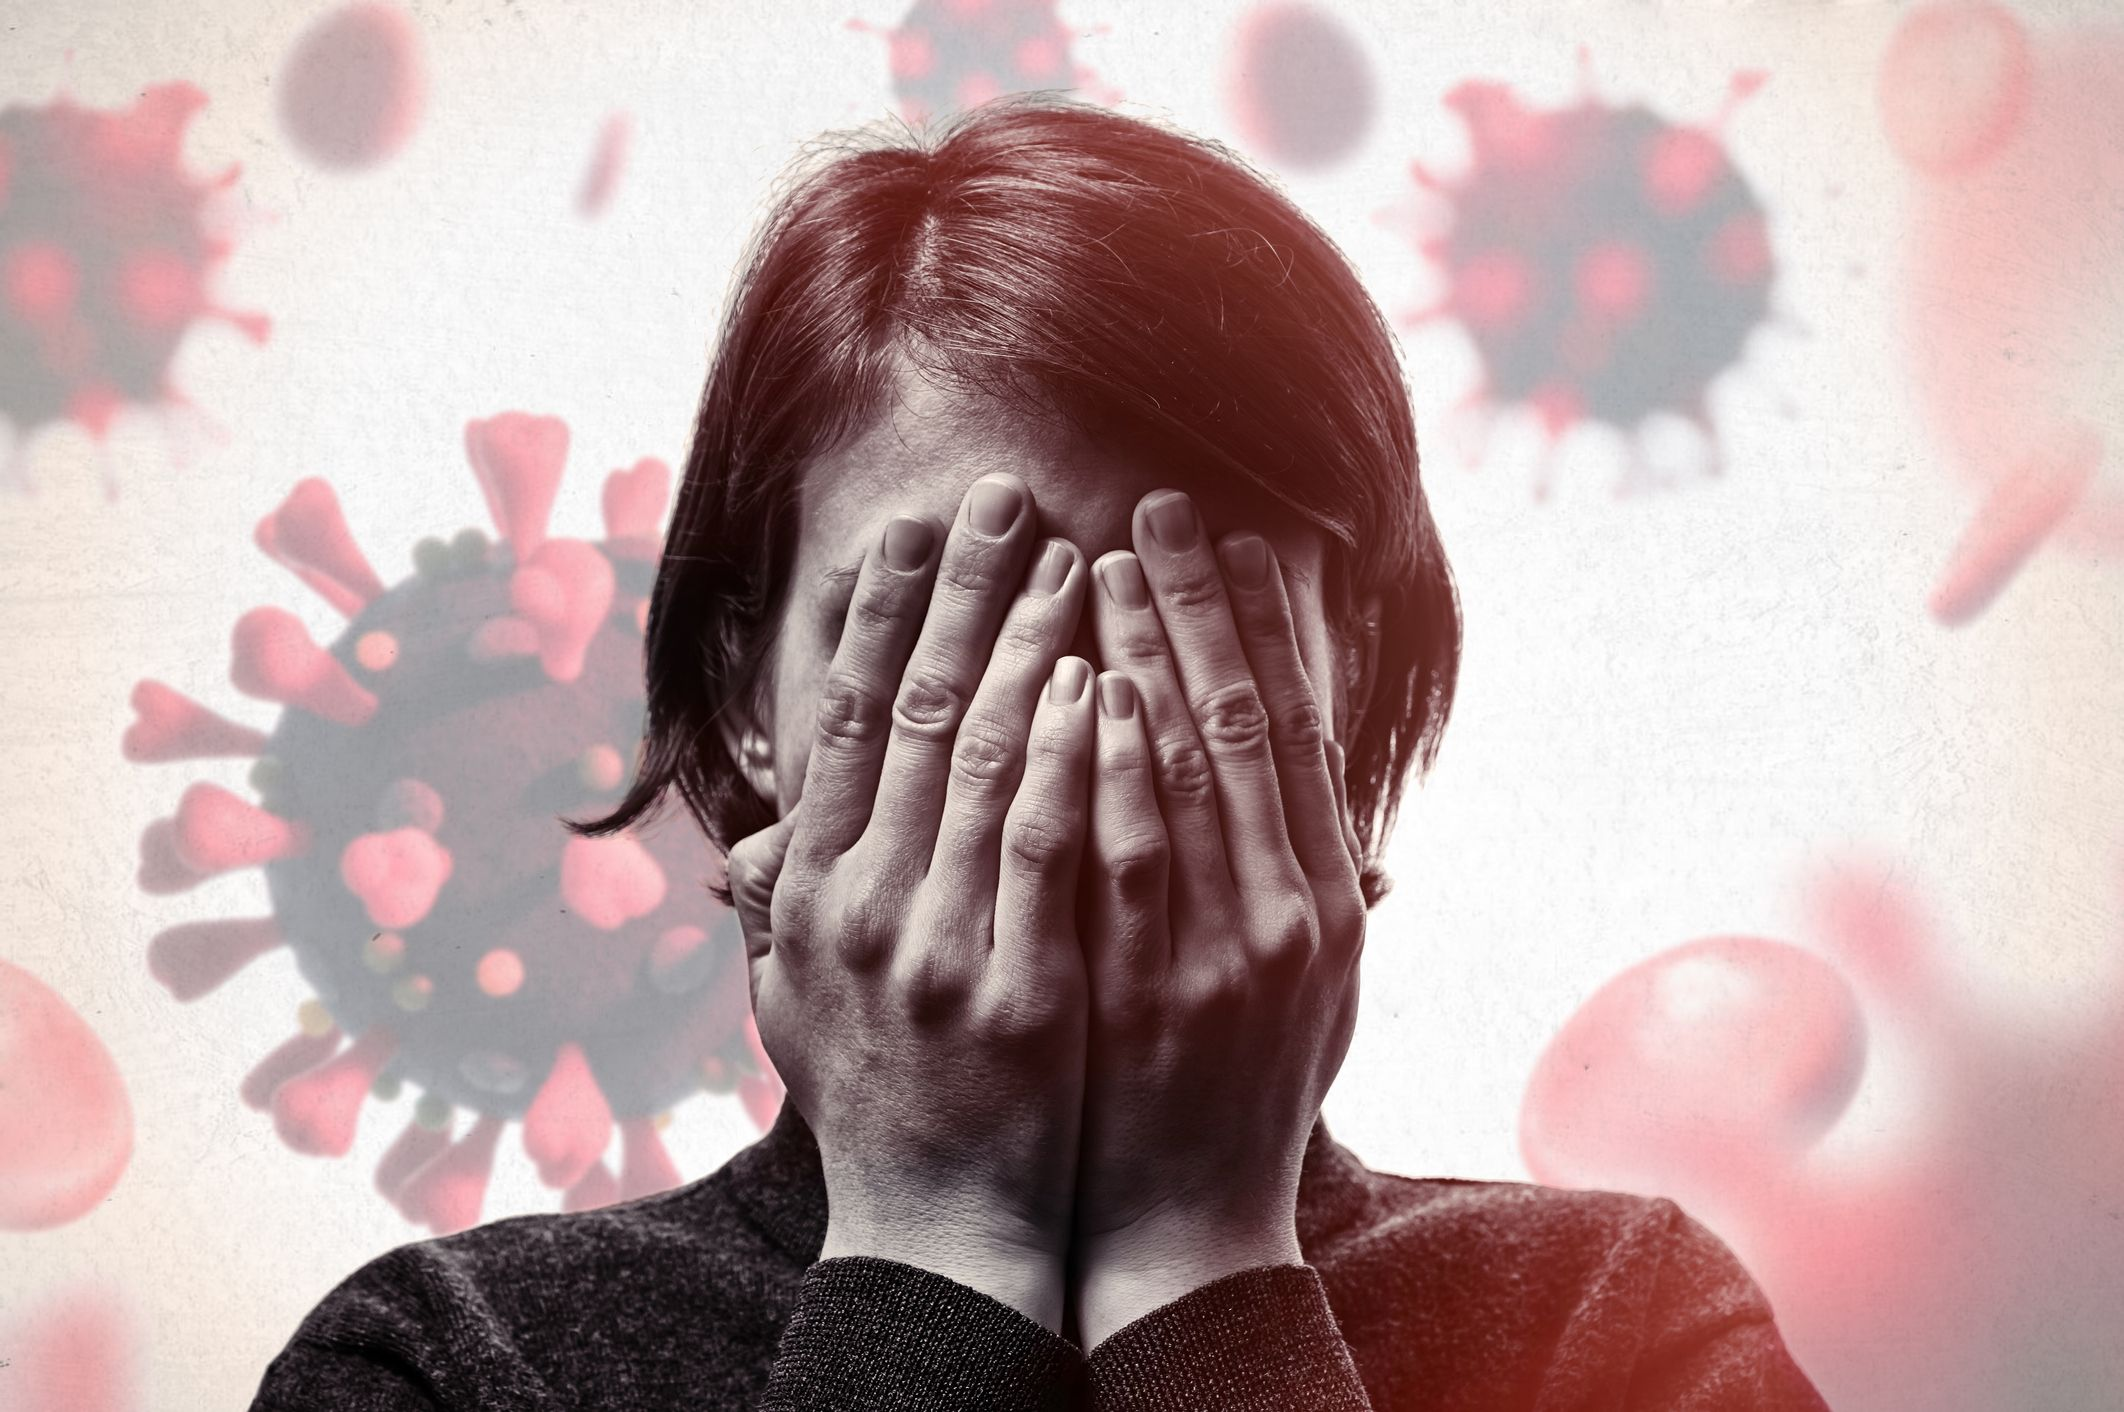 Vergogna, è la parola di Cathy La Torre contro la violenza sulle donne